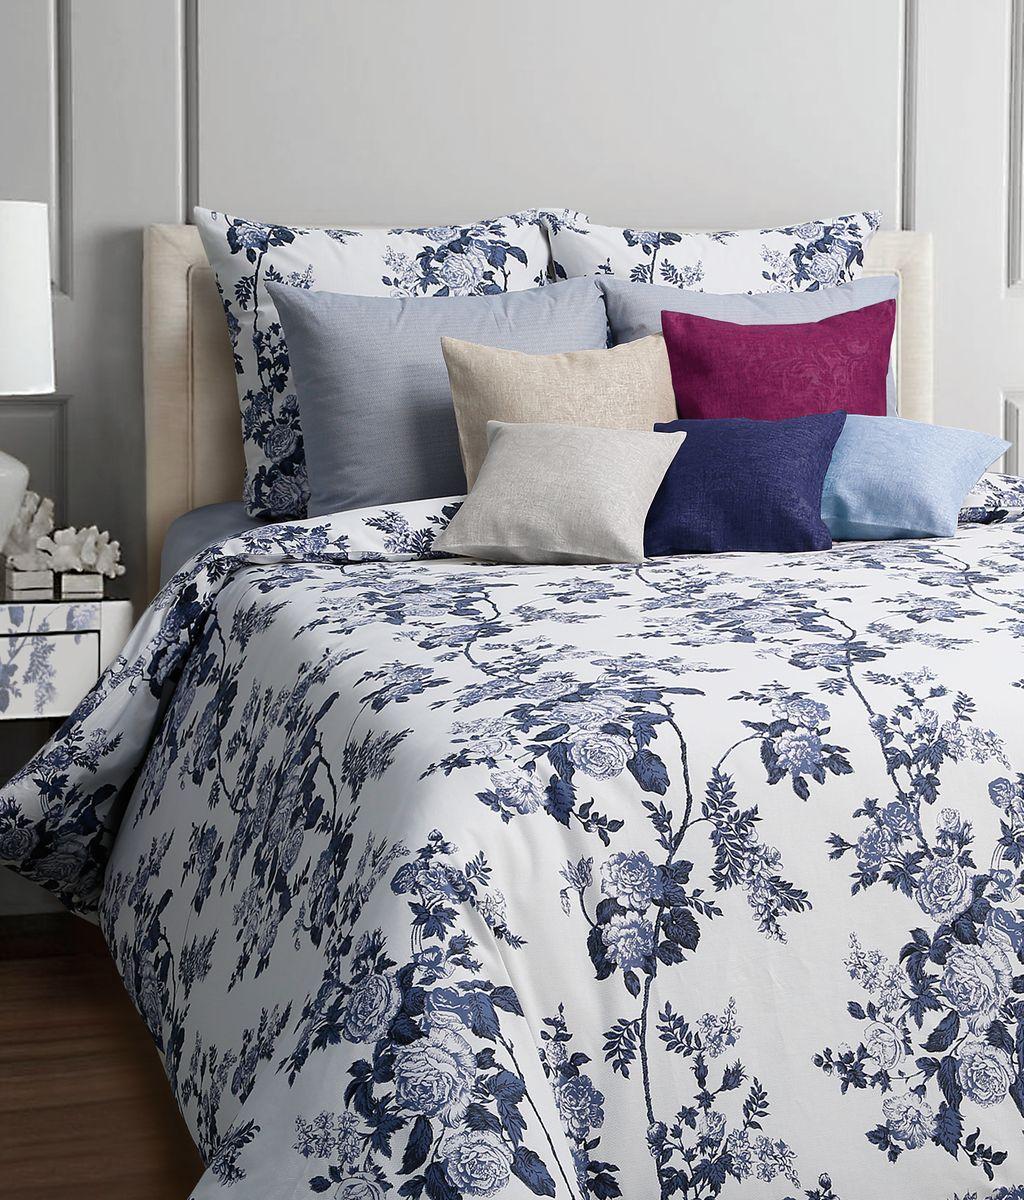 Комплект белья Mona Liza Nordy, 2-спальное, наволочки 50x70, цвет: синий552205/529Коллекция постельного белья MONA LIZA Classic поражает многообразием дизайнов. Среди них легко подобрать необходимый рисунок, который создаст в доме уют. Комплекты выполнены из бязи 100 % хлопка.